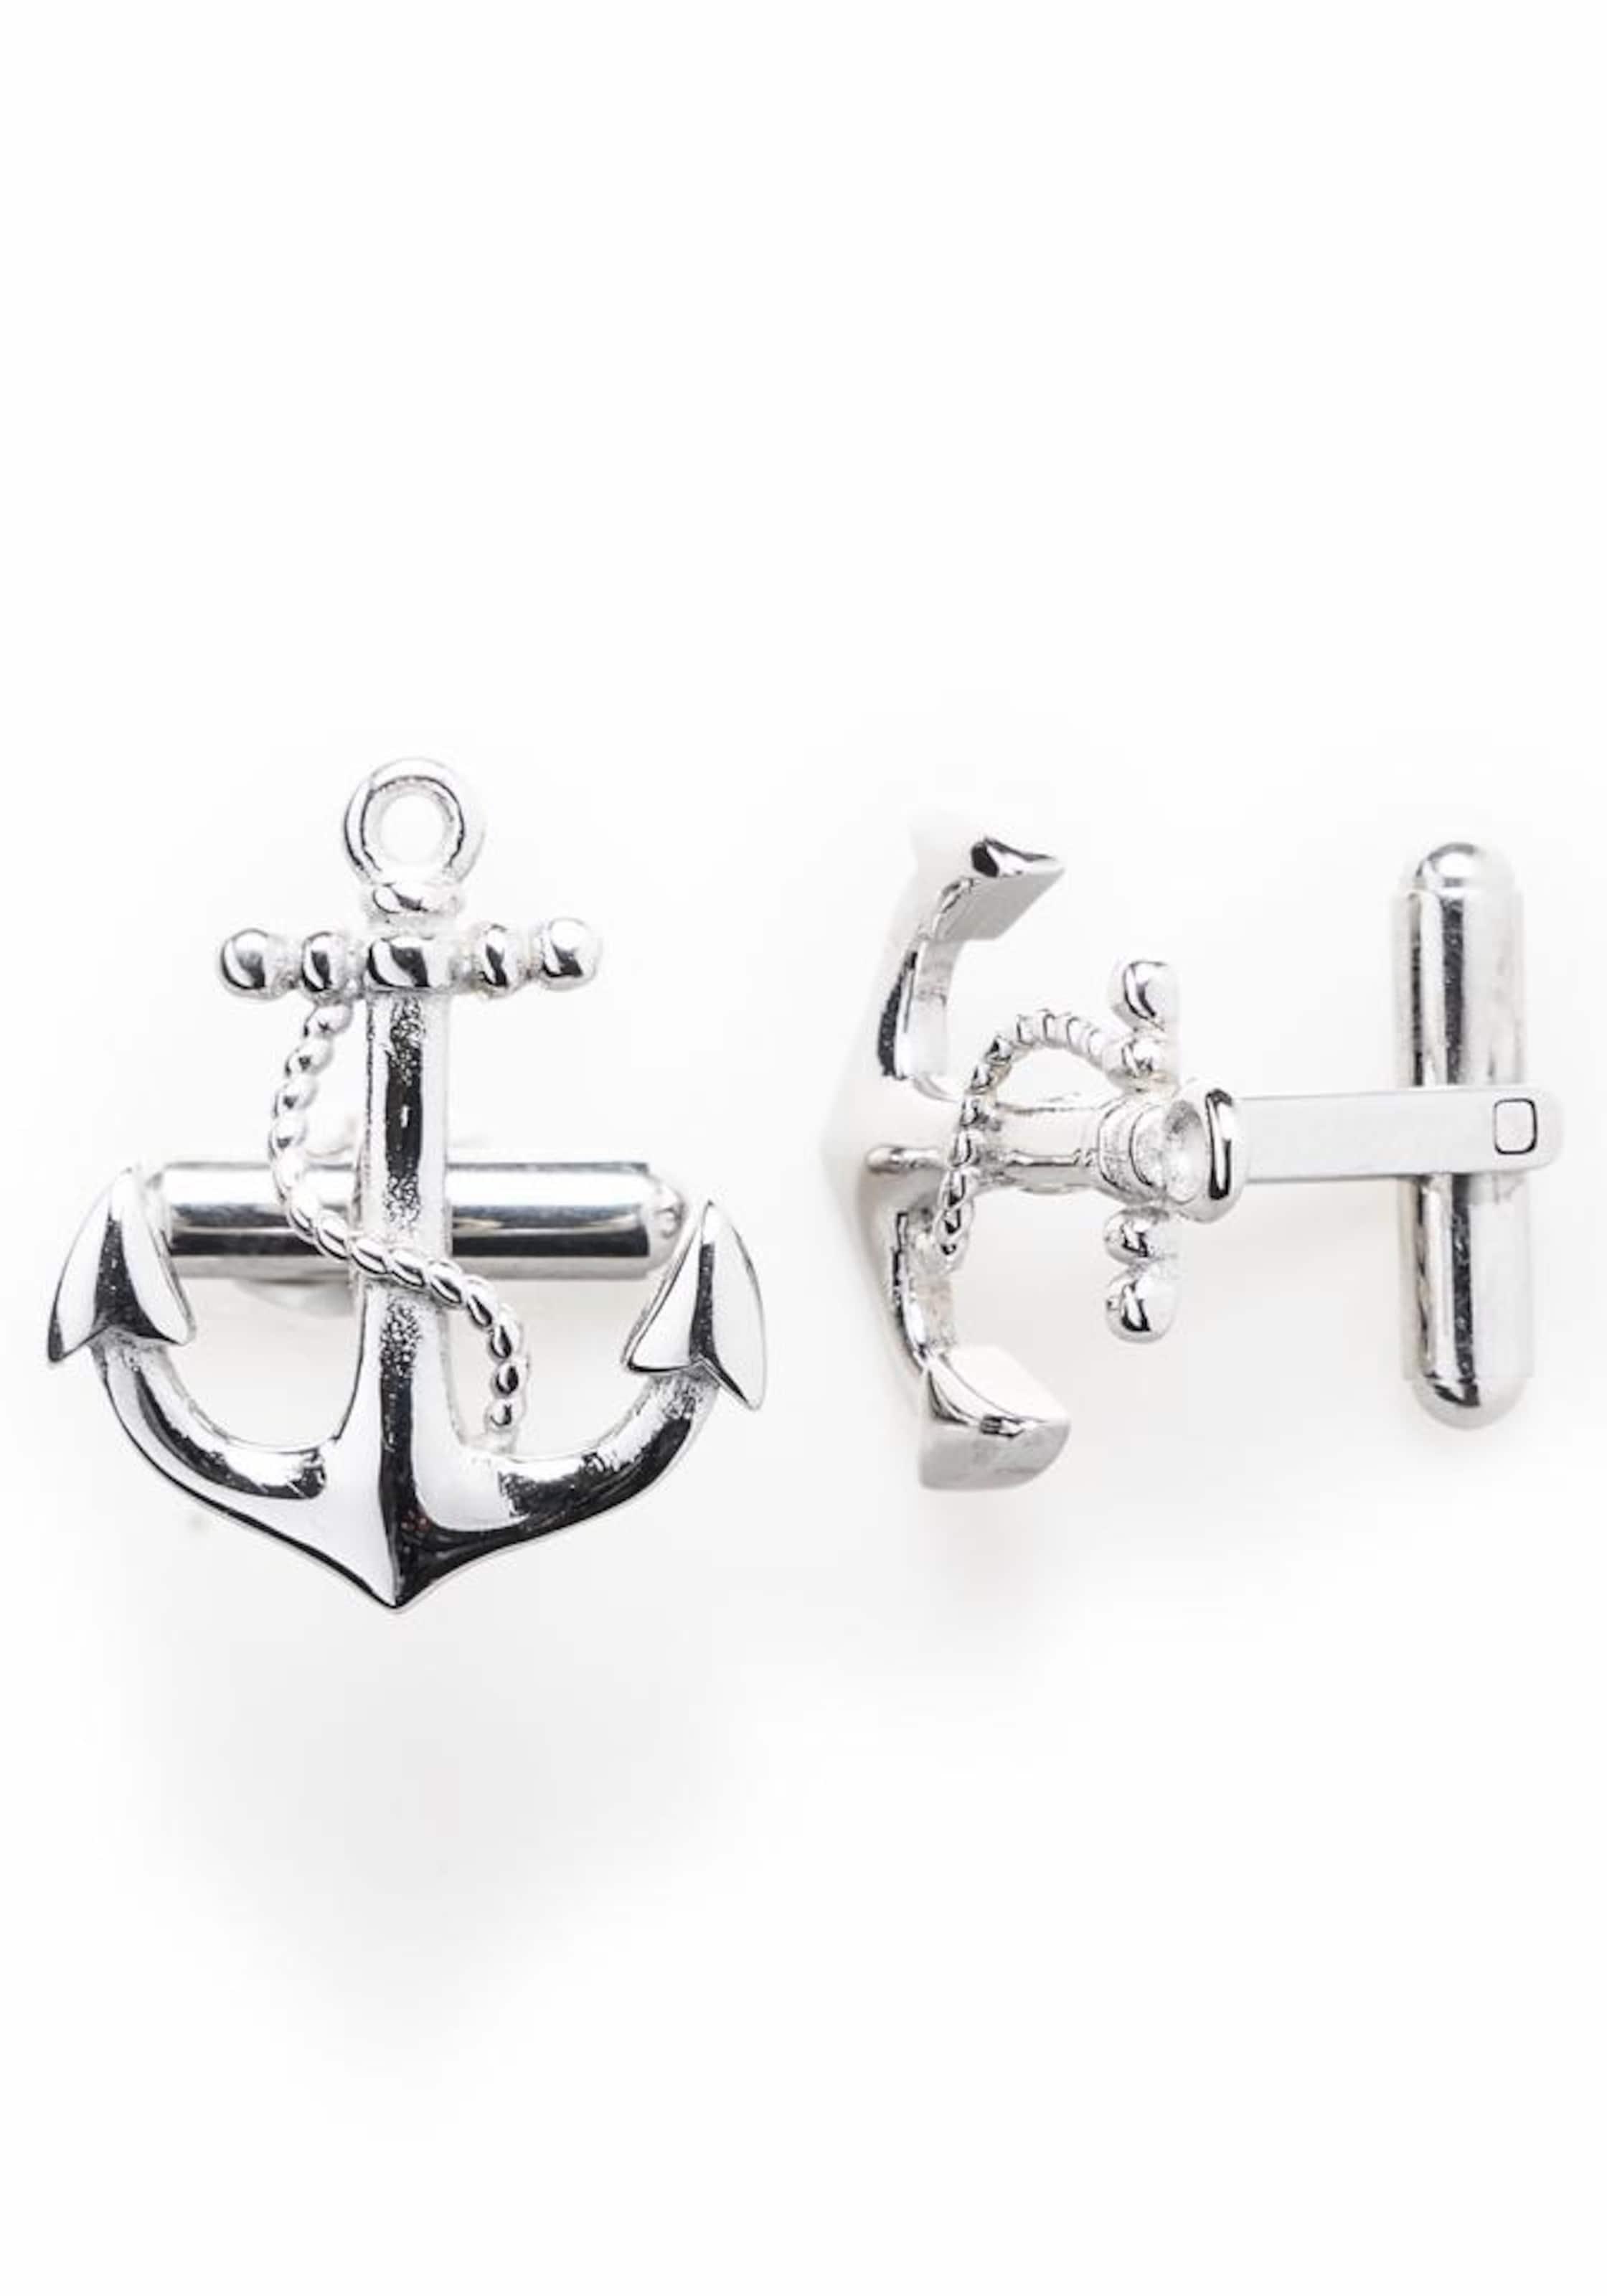 Verkaufen Sind Große Günstig Kaufen Erkunden ROYAL-EGO Manschettenknöpfe 'Anchor' 7ovjJWFYUG